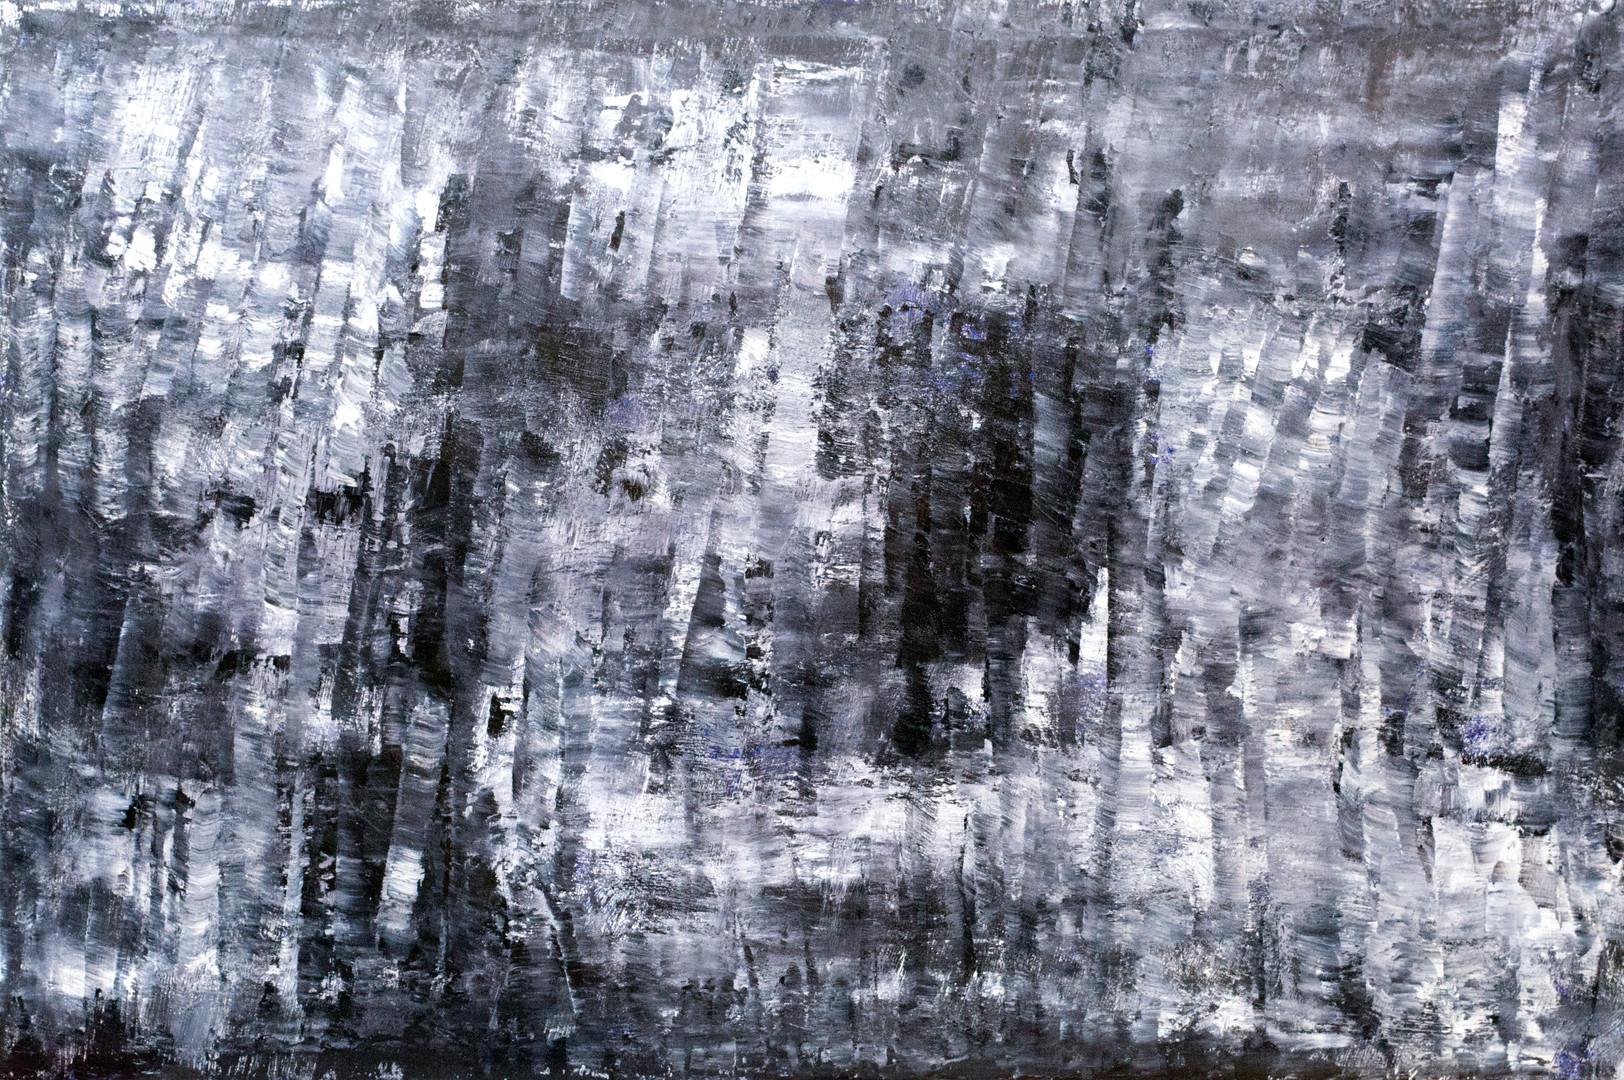 Galápagos 150x100 cm oil on canvas